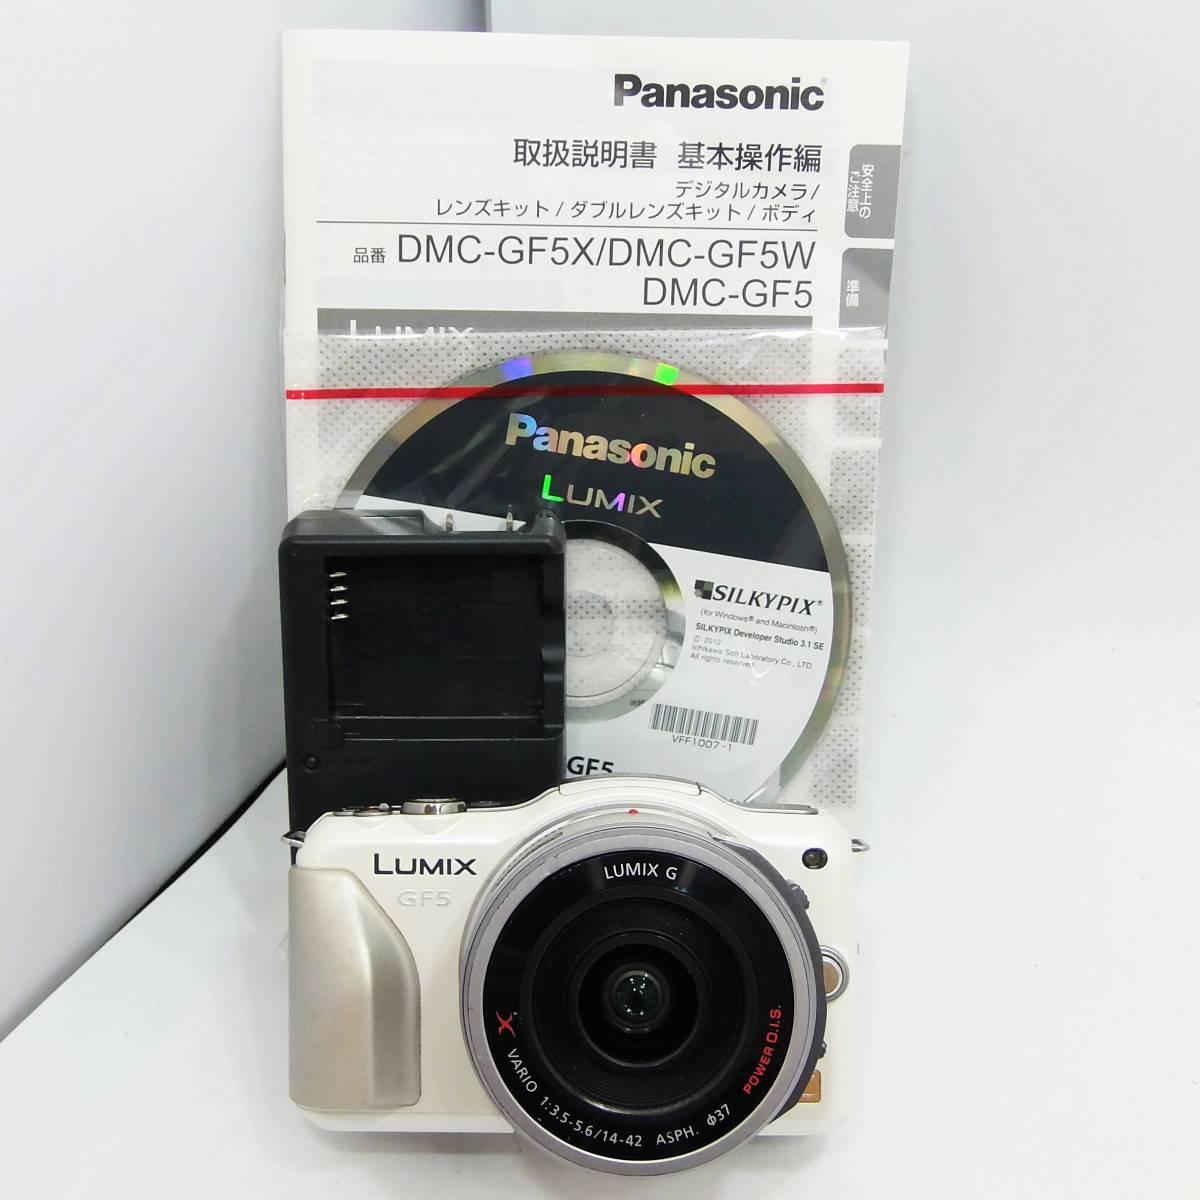 [ジャンク・簡単な動作確認済み] パナソニック Panasonic デジタルカメラ LUMIX GF5 DMC-GF5 ショルダーストラップ・ボディキャップ 欠品_画像1